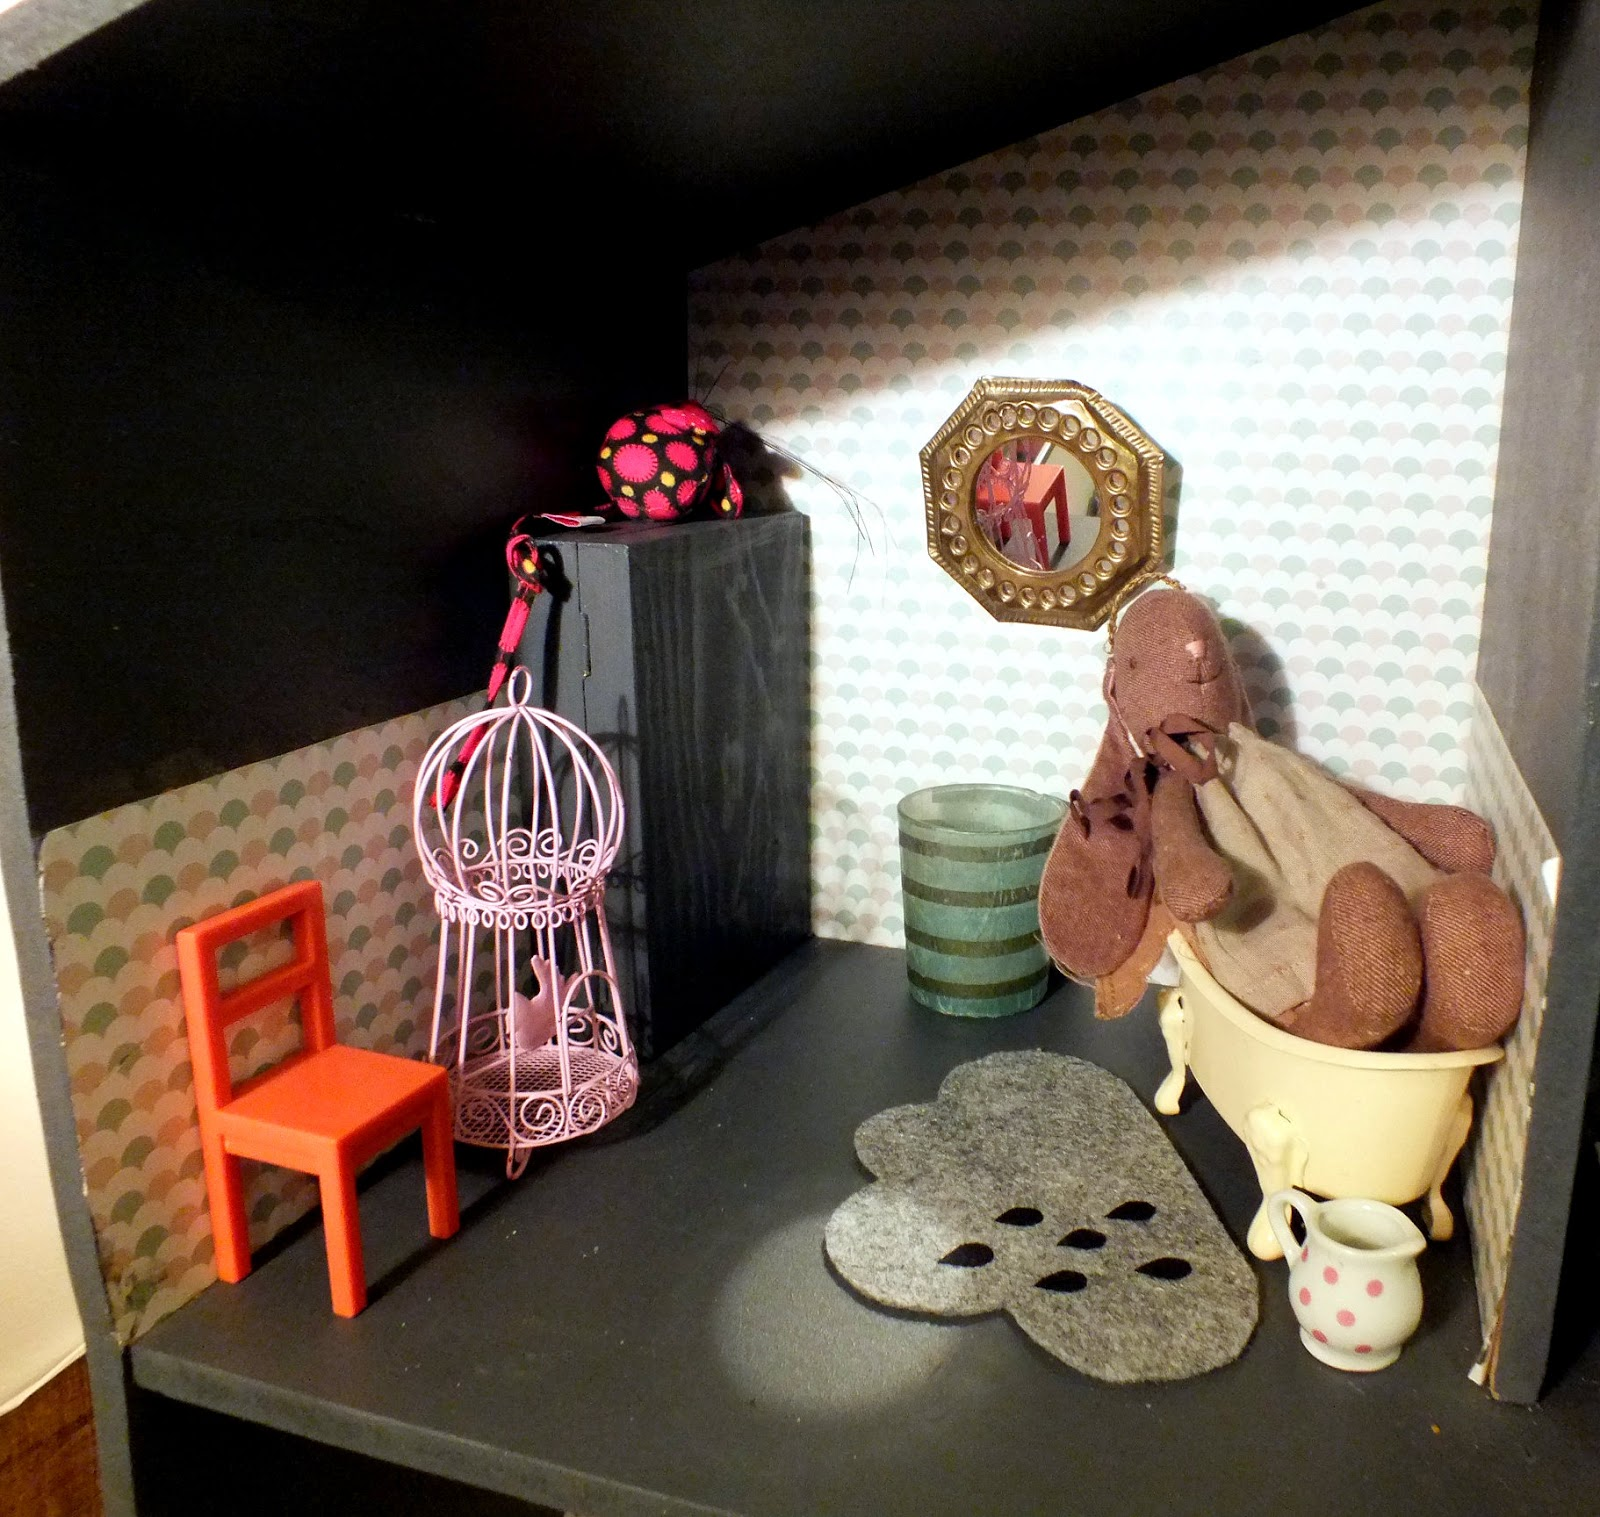 Les aventures des petits pois la maison des lapinous 1 for Aventures de maison